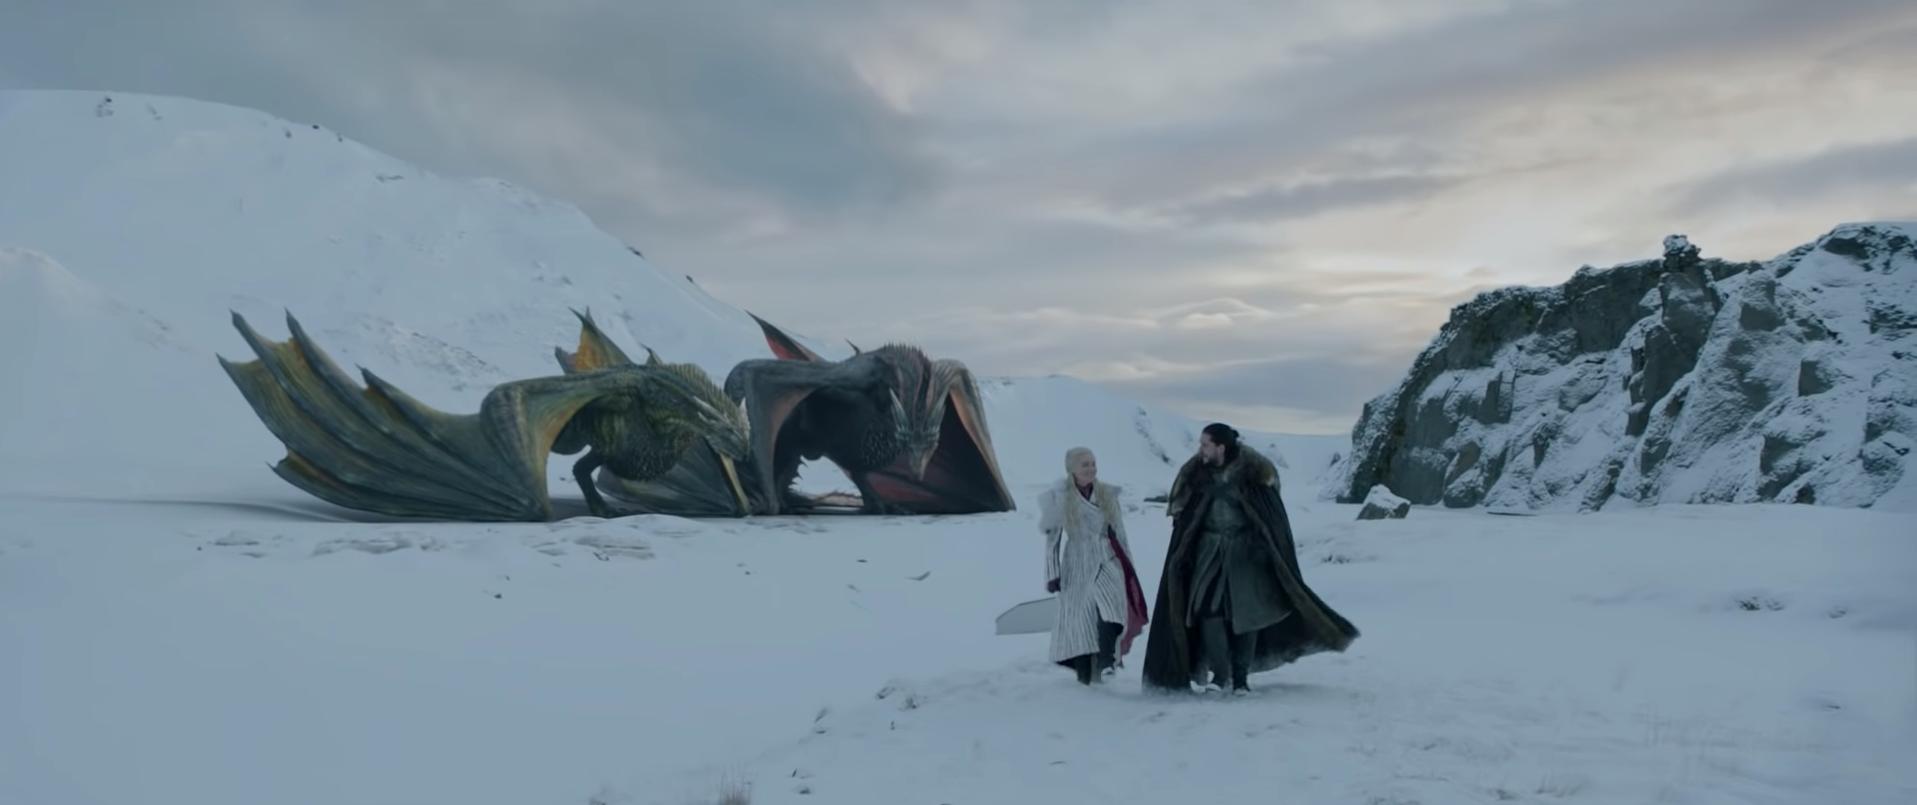 'Game of Thrones': Cena deletada mostra conexão profunda entre Jon Snow e os dragões de Daenerys, e confirma teoria dos fãs; assista!>